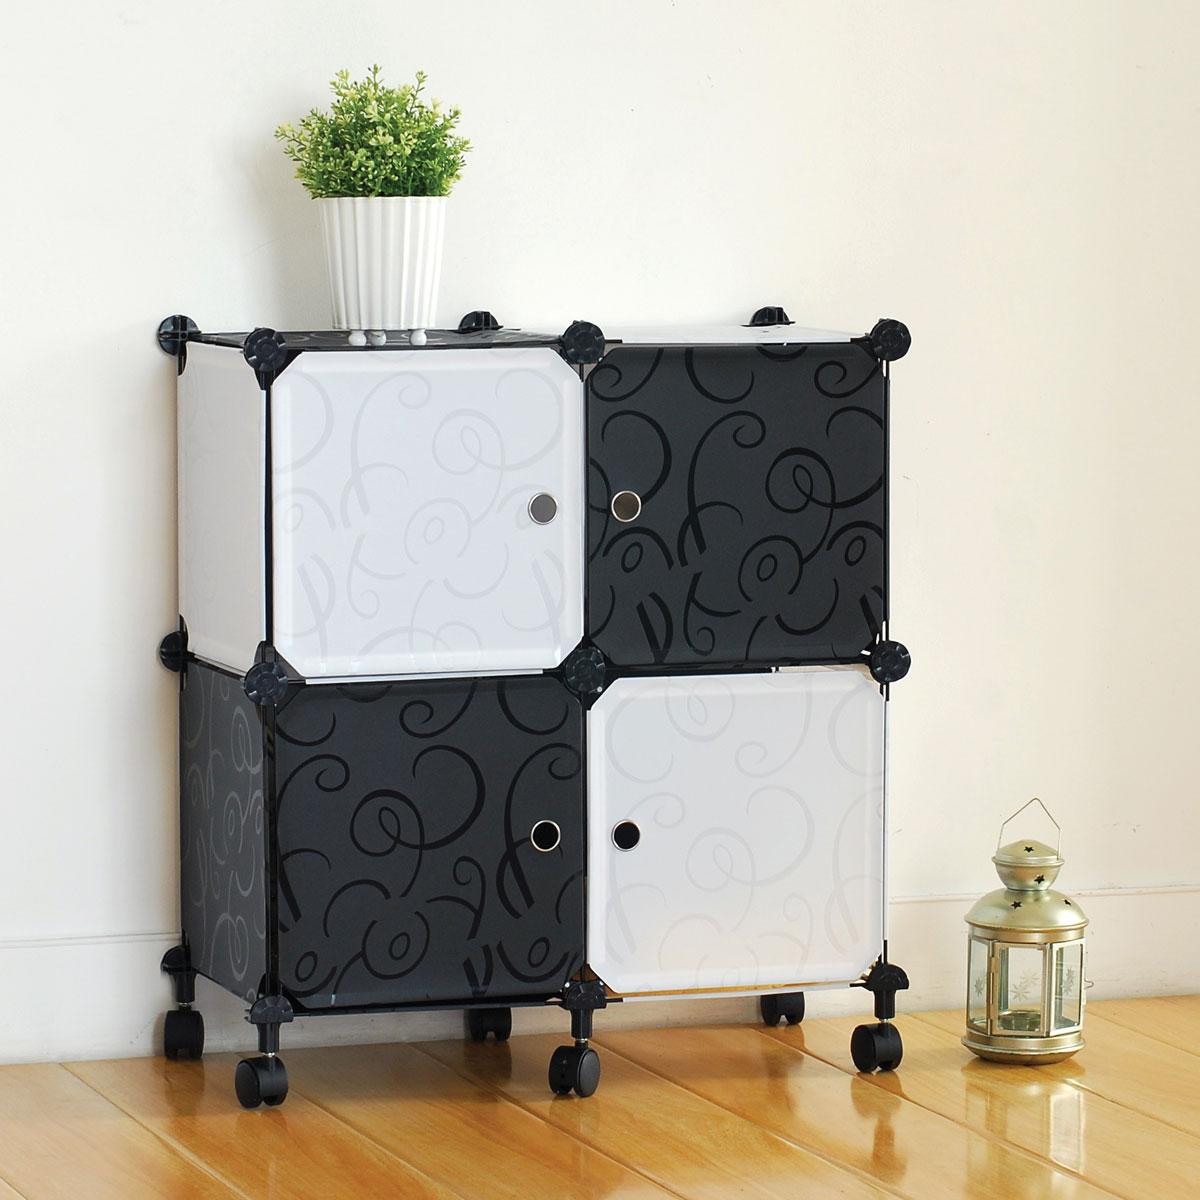 """Стеллаж """"Miolla"""" состоит из 4 кубов с дверцами. Вместительный и компактный стеллаж на колесах легко собирается и имеет разные варианты сборки.   Основание изделия изготовлено стали, а кубы изготовлены из полипропилена. Такой стеллаж можно разместить где угодно: в ванной, в спальне, в прихожей. Благодаря стильному дизайну и компактному размеру, стеллаж займет достойное место в любом уголке дома.  Размер стеллажа: 63,5 см х 30,5 см х 70 см.Размер панели: 29 см х 29 см."""